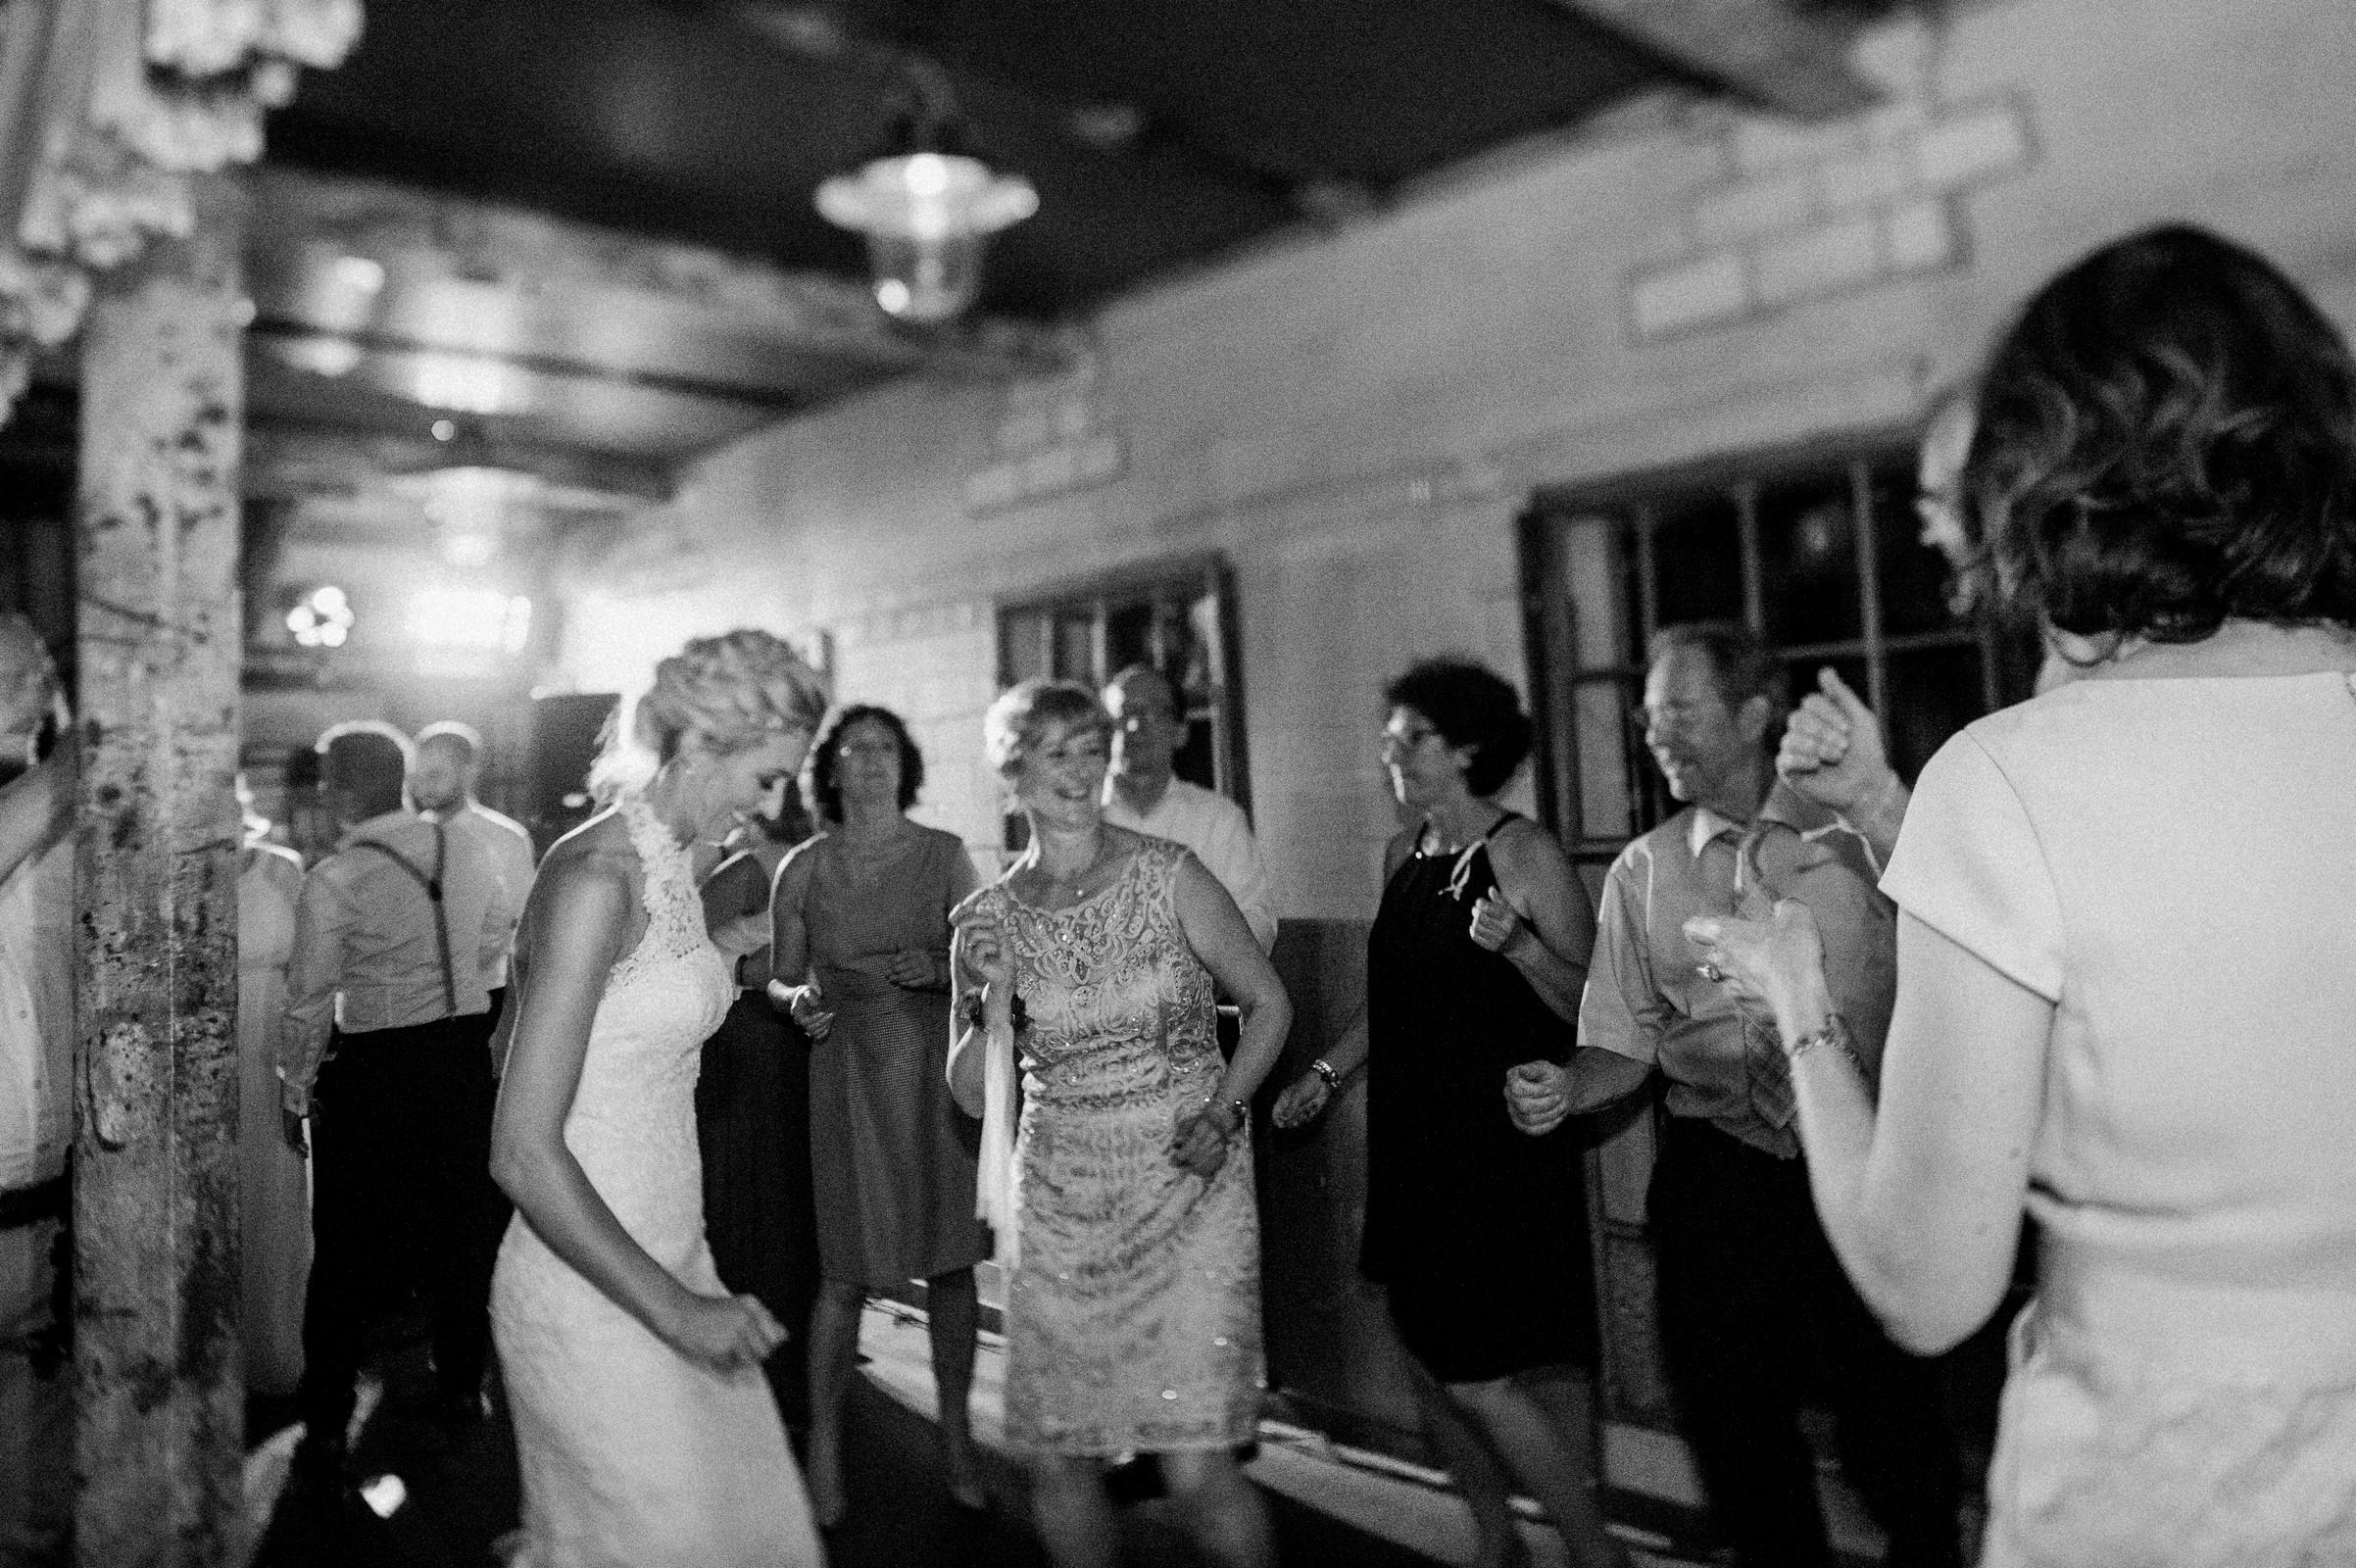 Hochzeit1050.jpg